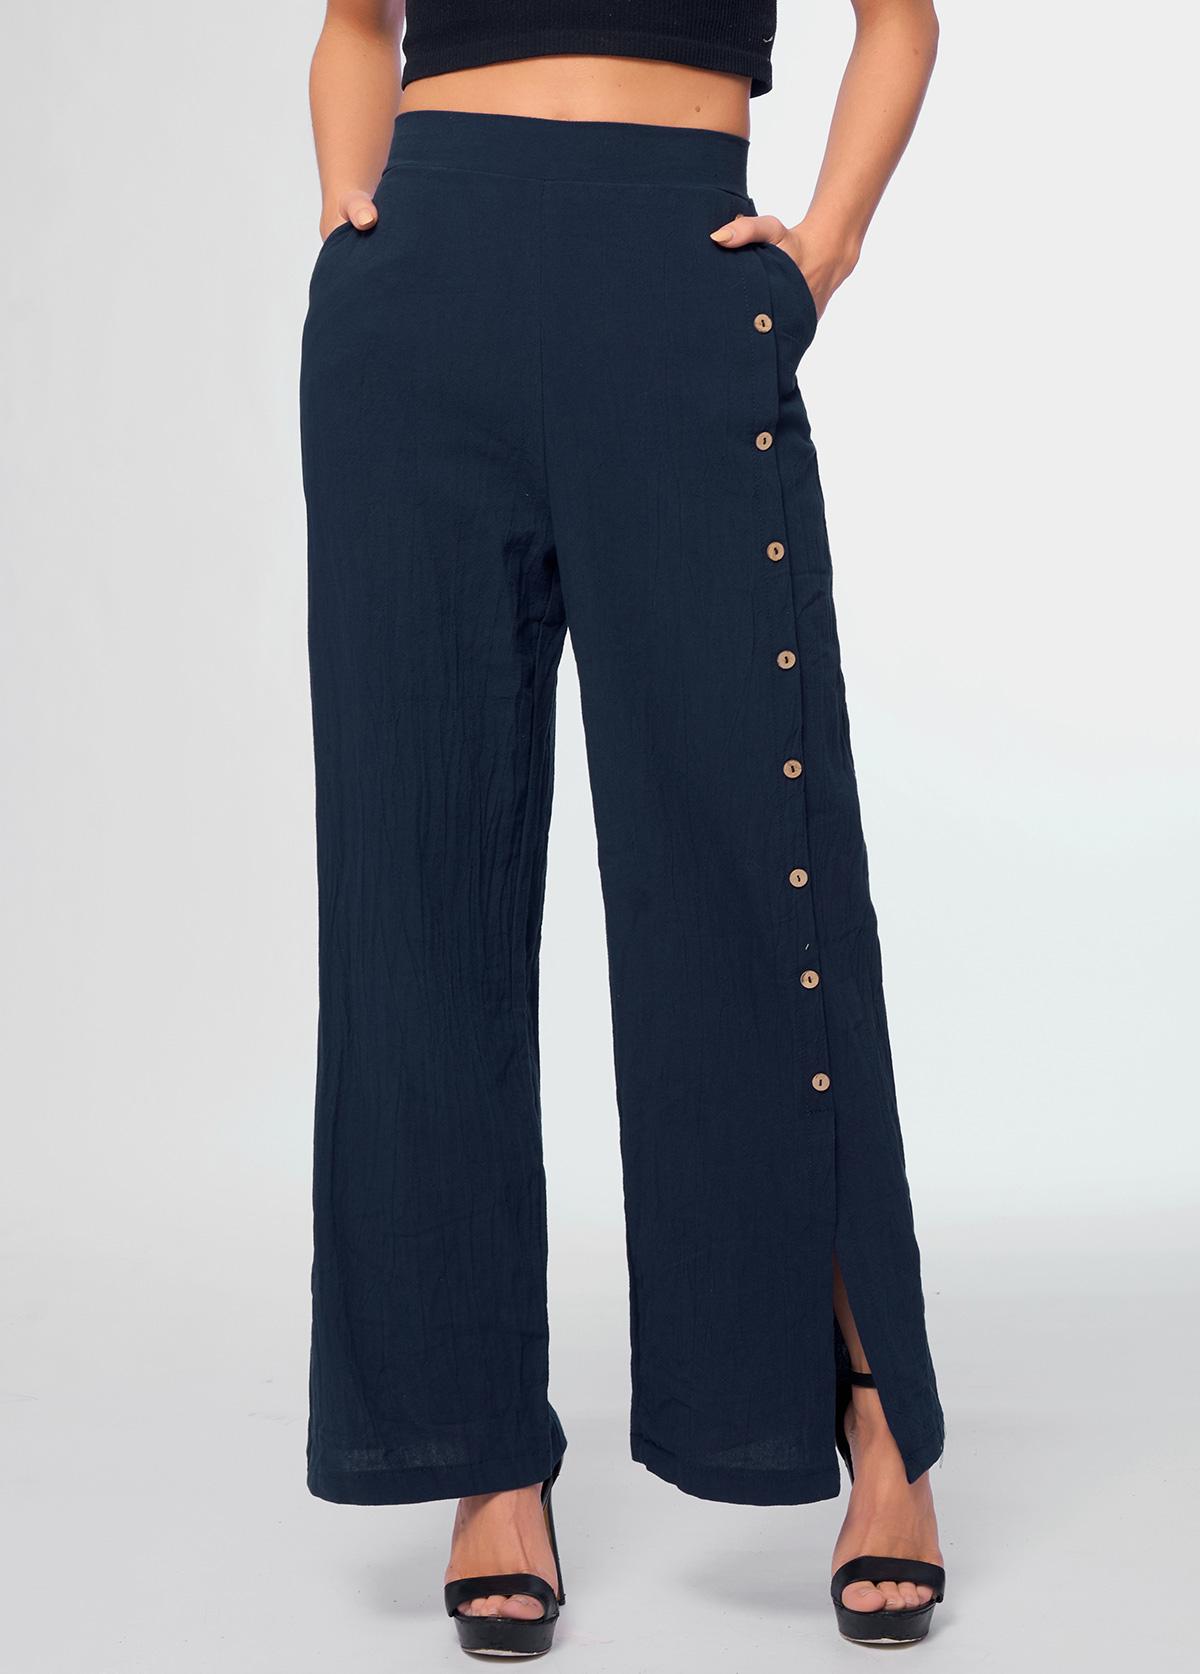 High Waist Button Detail Pocket Pants